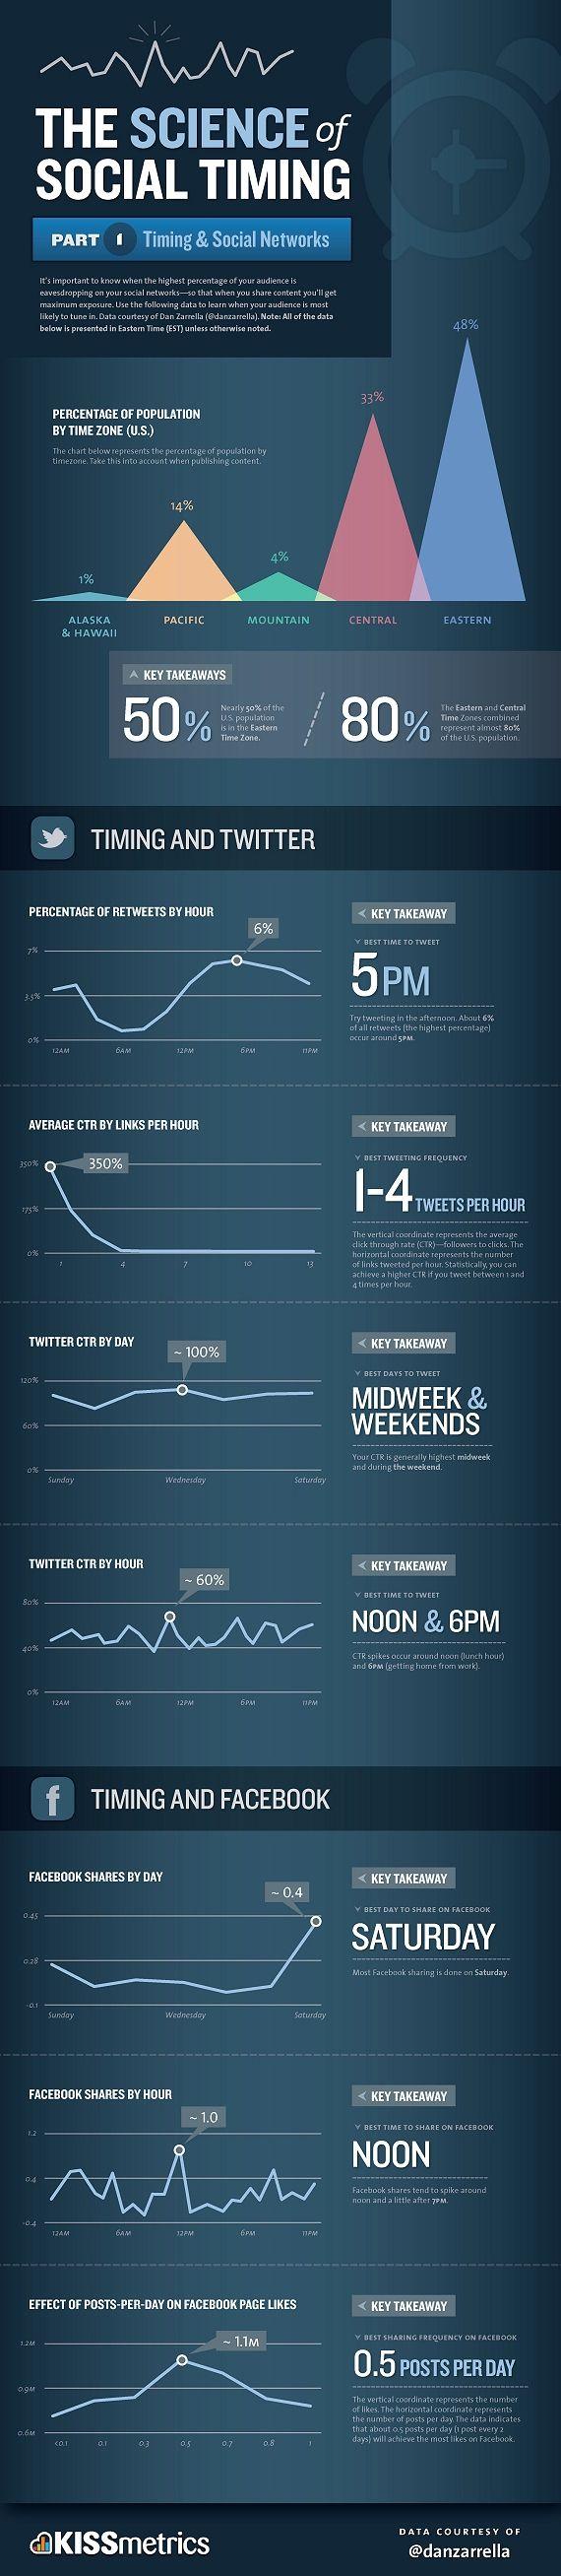 Social Media & Timing    IT스럽네..ㅋ